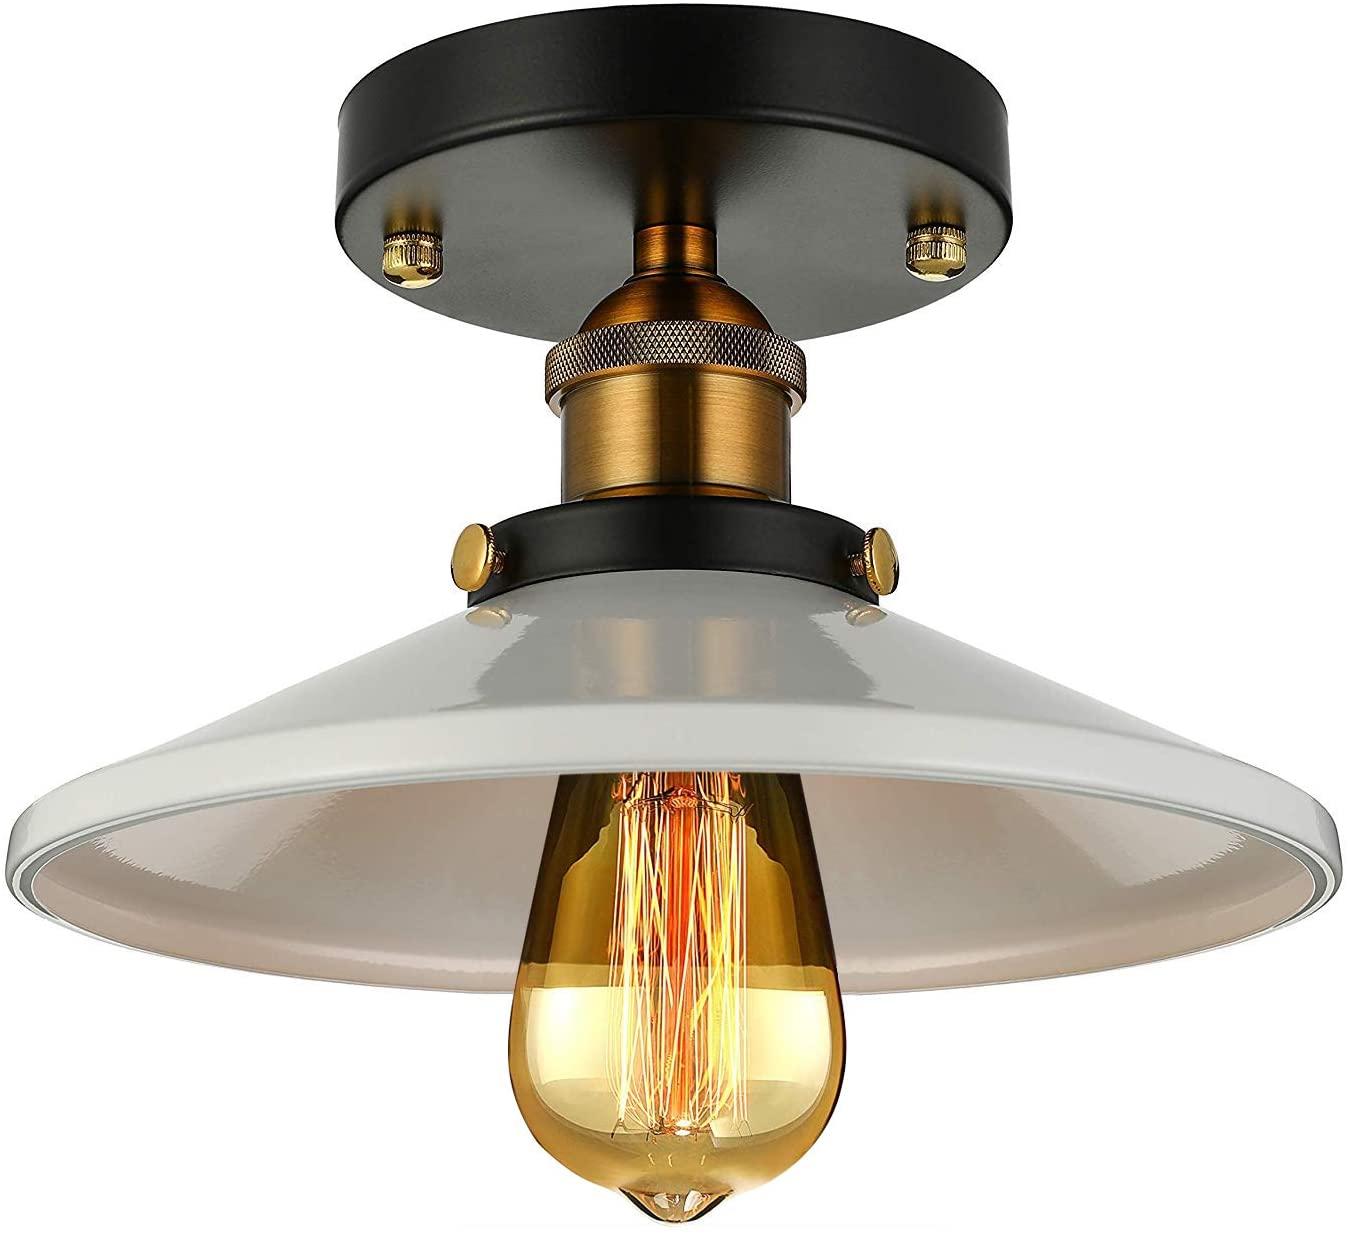 Full Size of Küchenlampen Baycheer Retro Deckenlampe Deckenleuchten Wohnzimmerlampen Wohnzimmer Küchenlampen